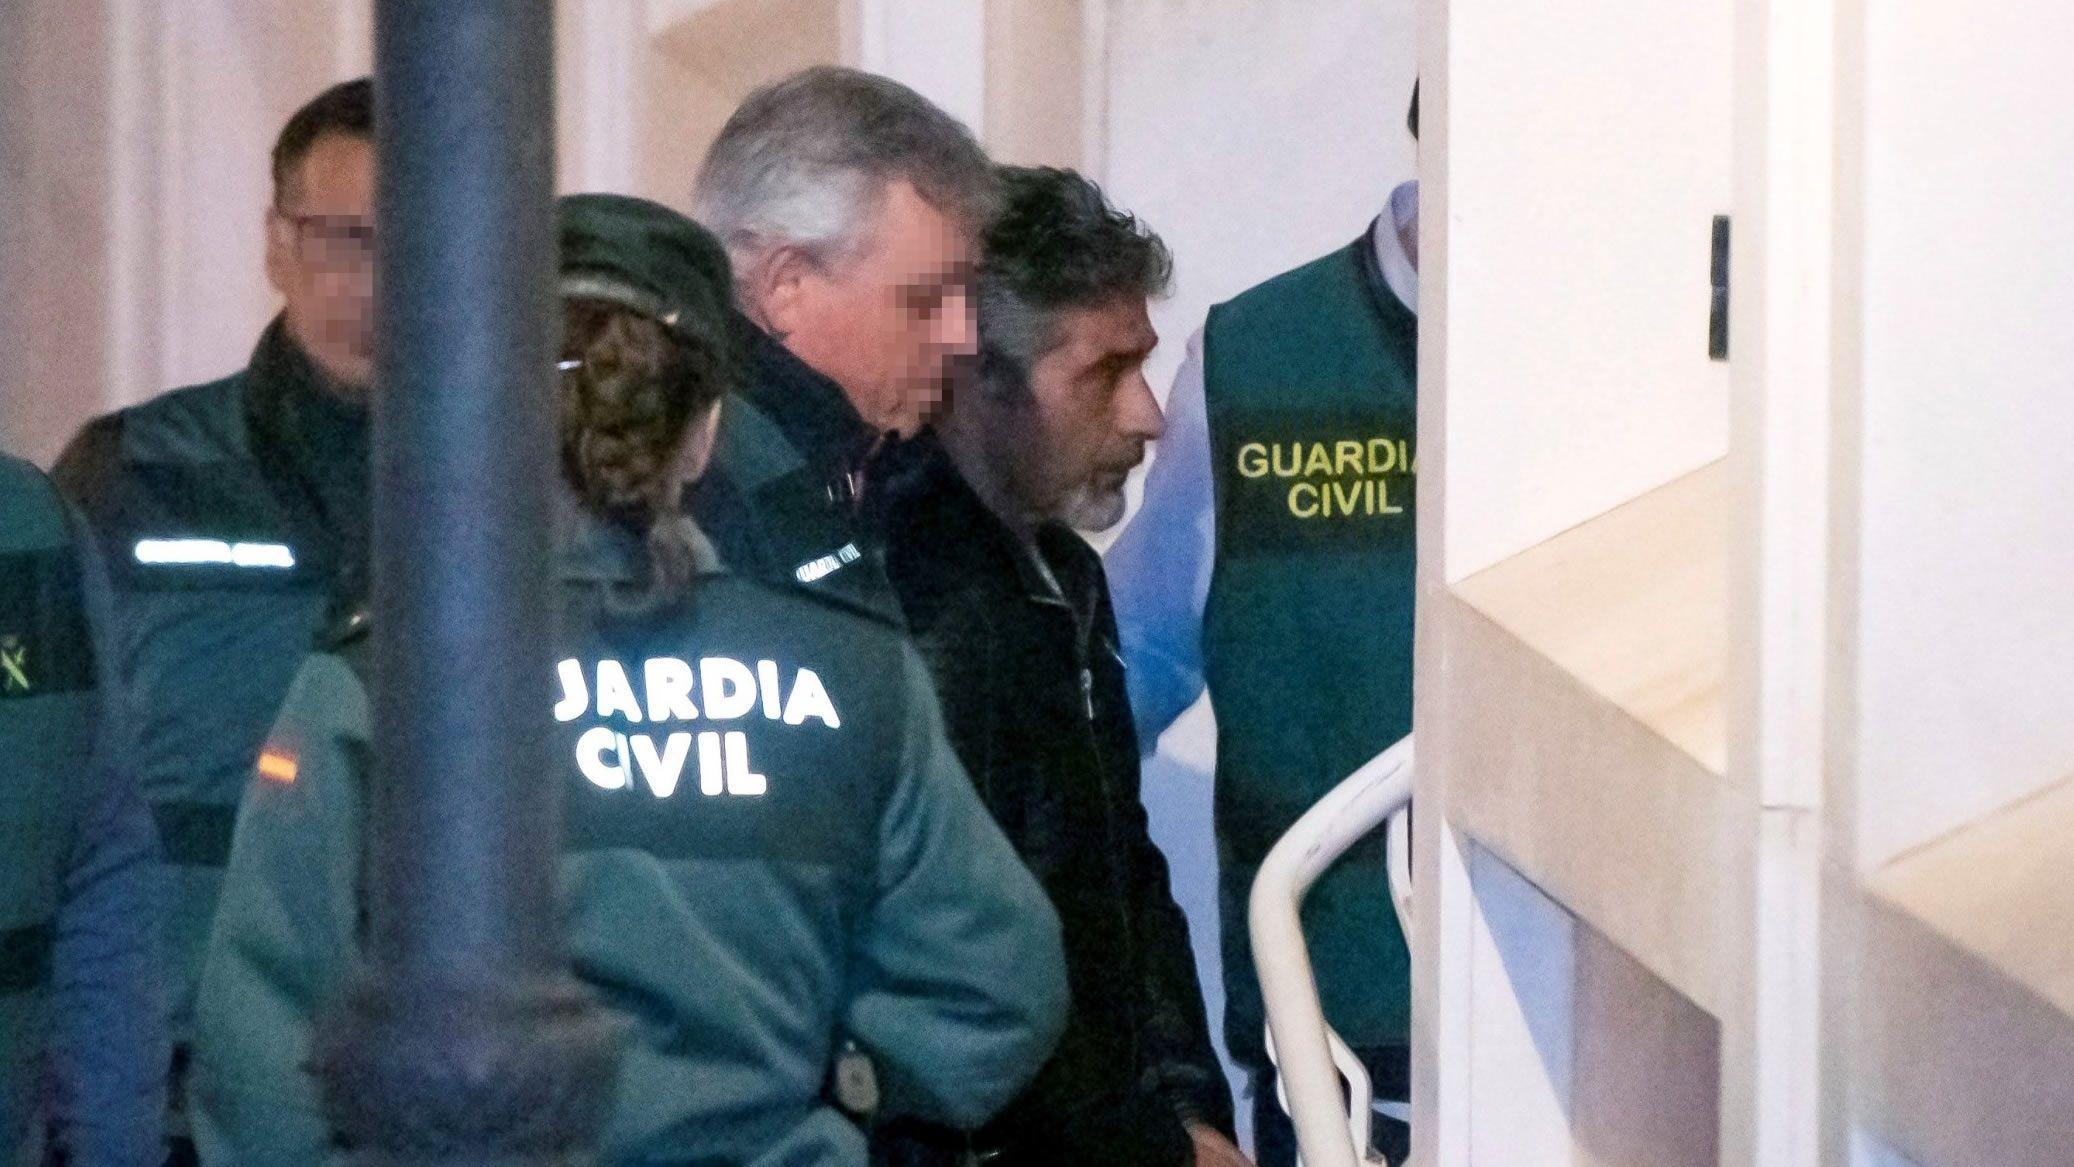 La novia de Bernando Montoya fue trasladada a otra prisión después de que intentase ponerse en contacto con él